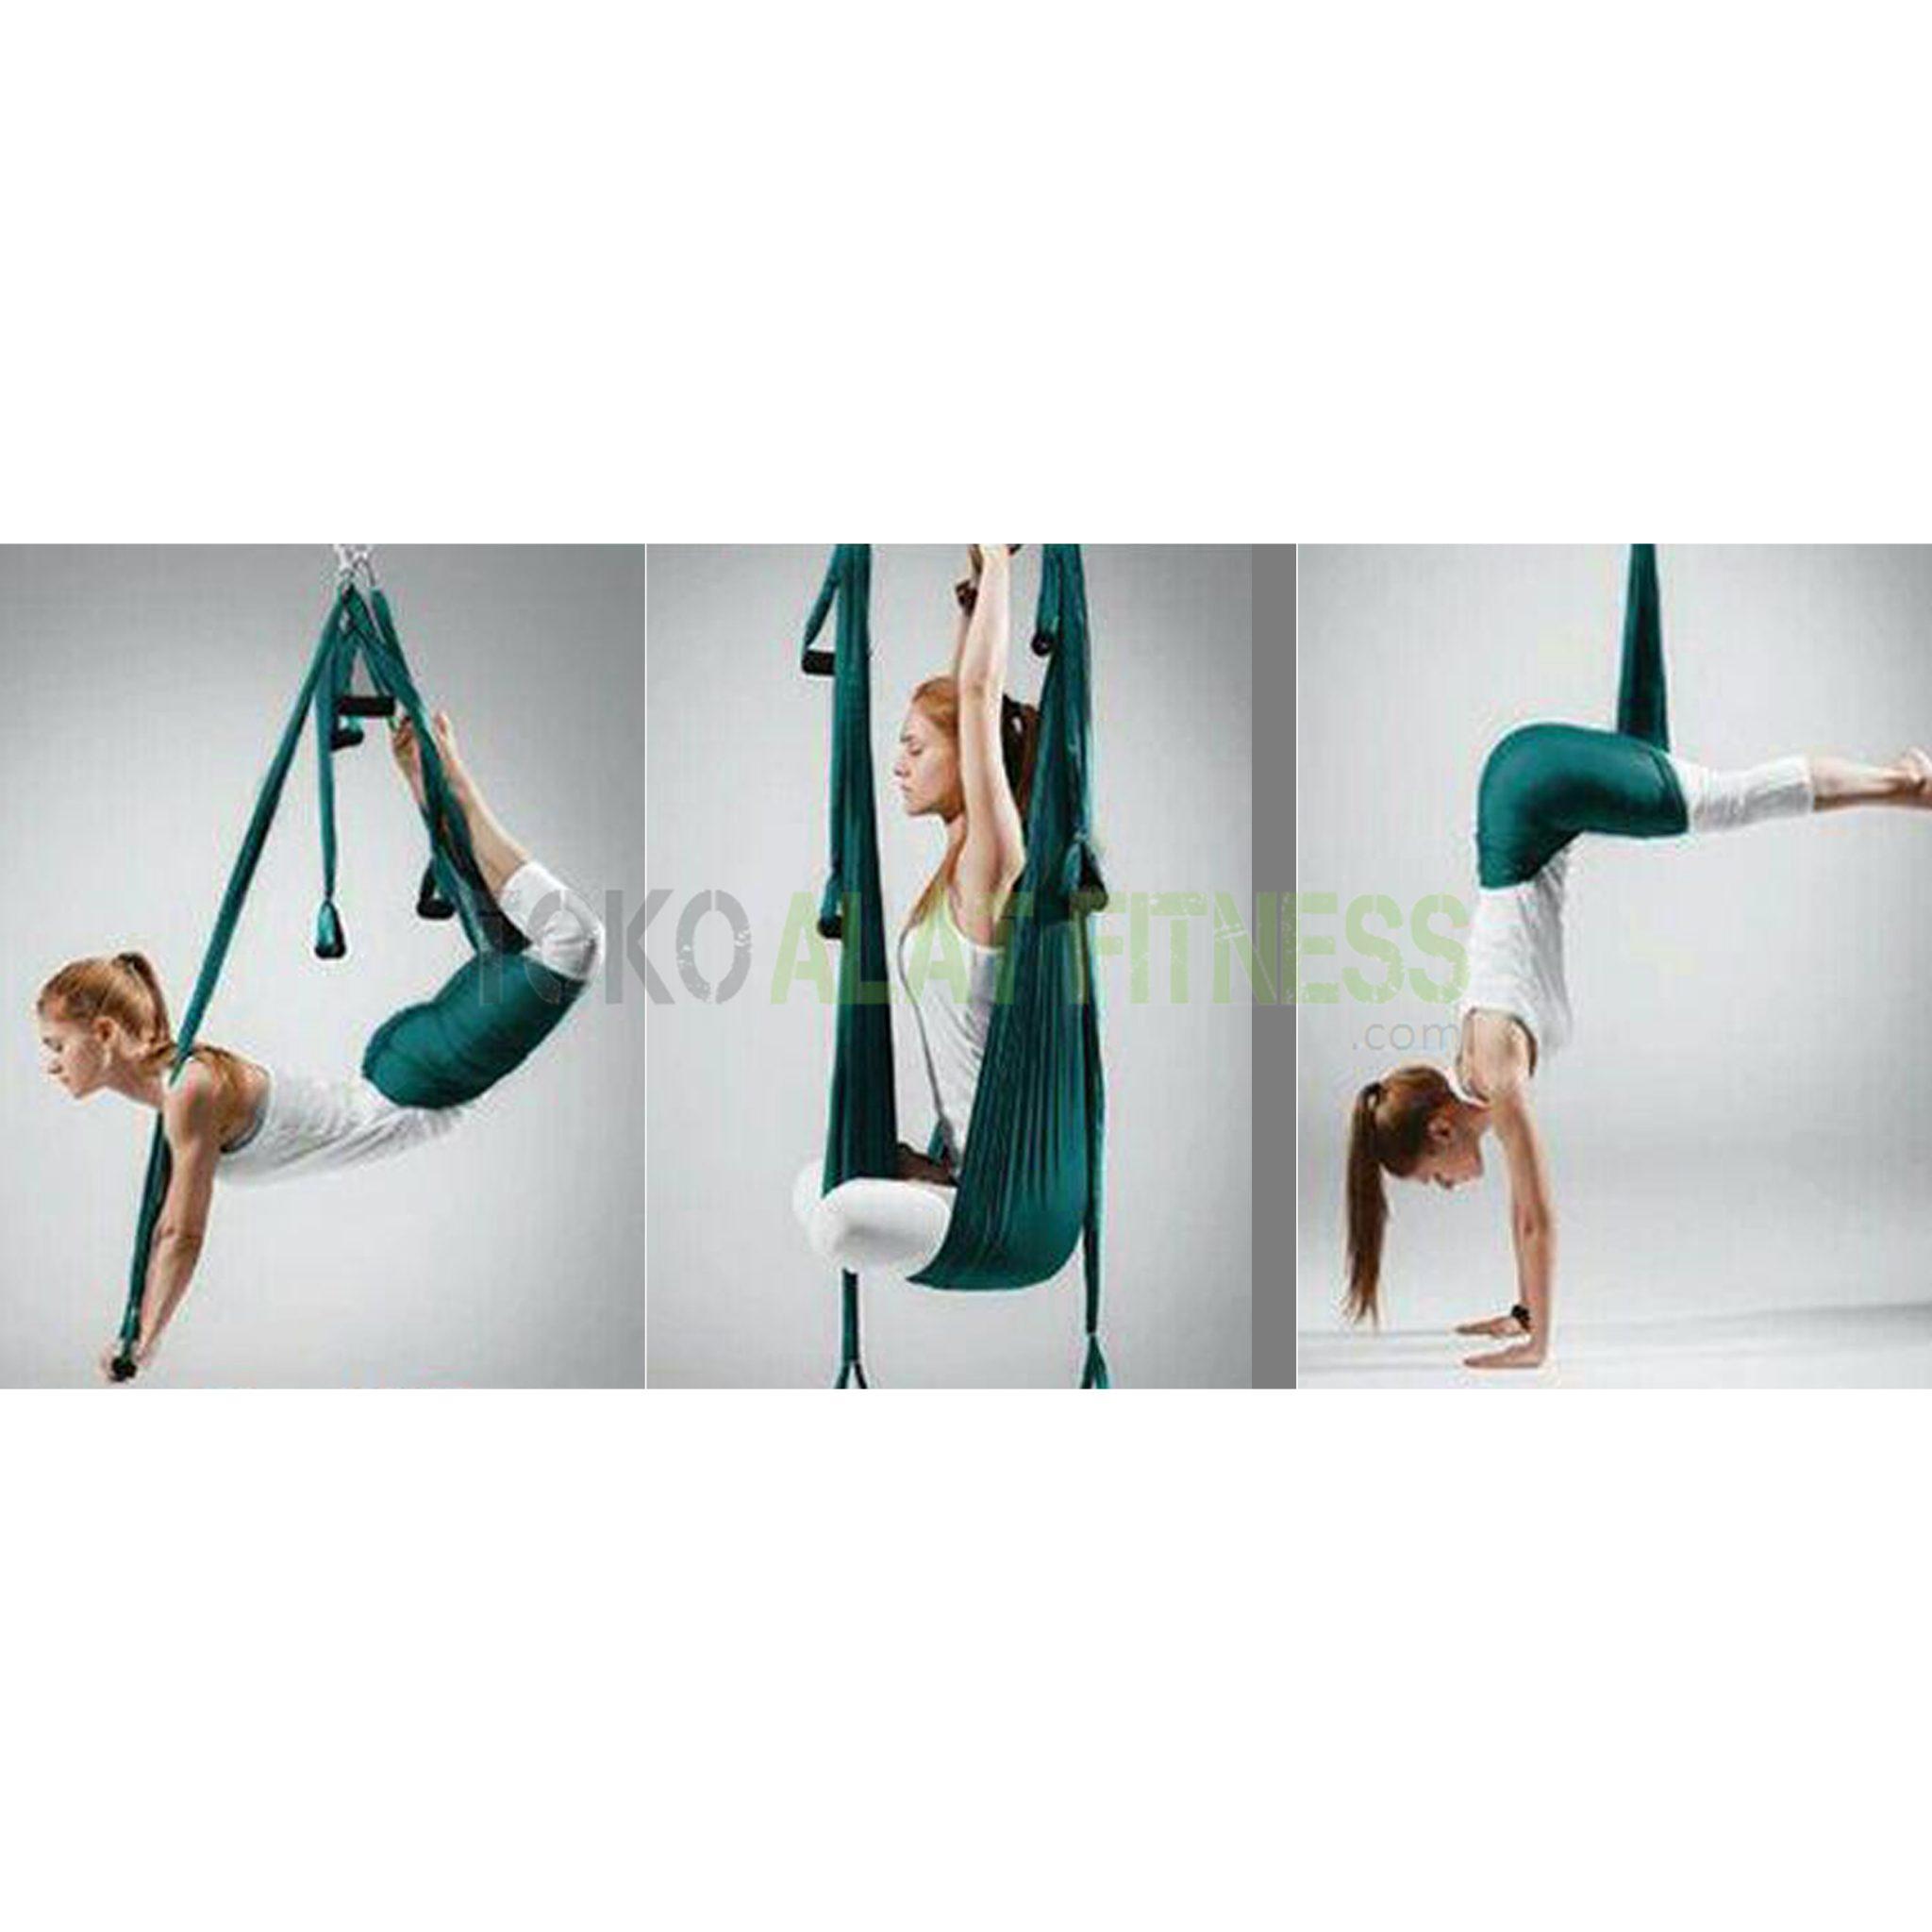 yoga swing hamock hijau 2 wtr - Yoga Swing / Hammock, Hijau Body Gym